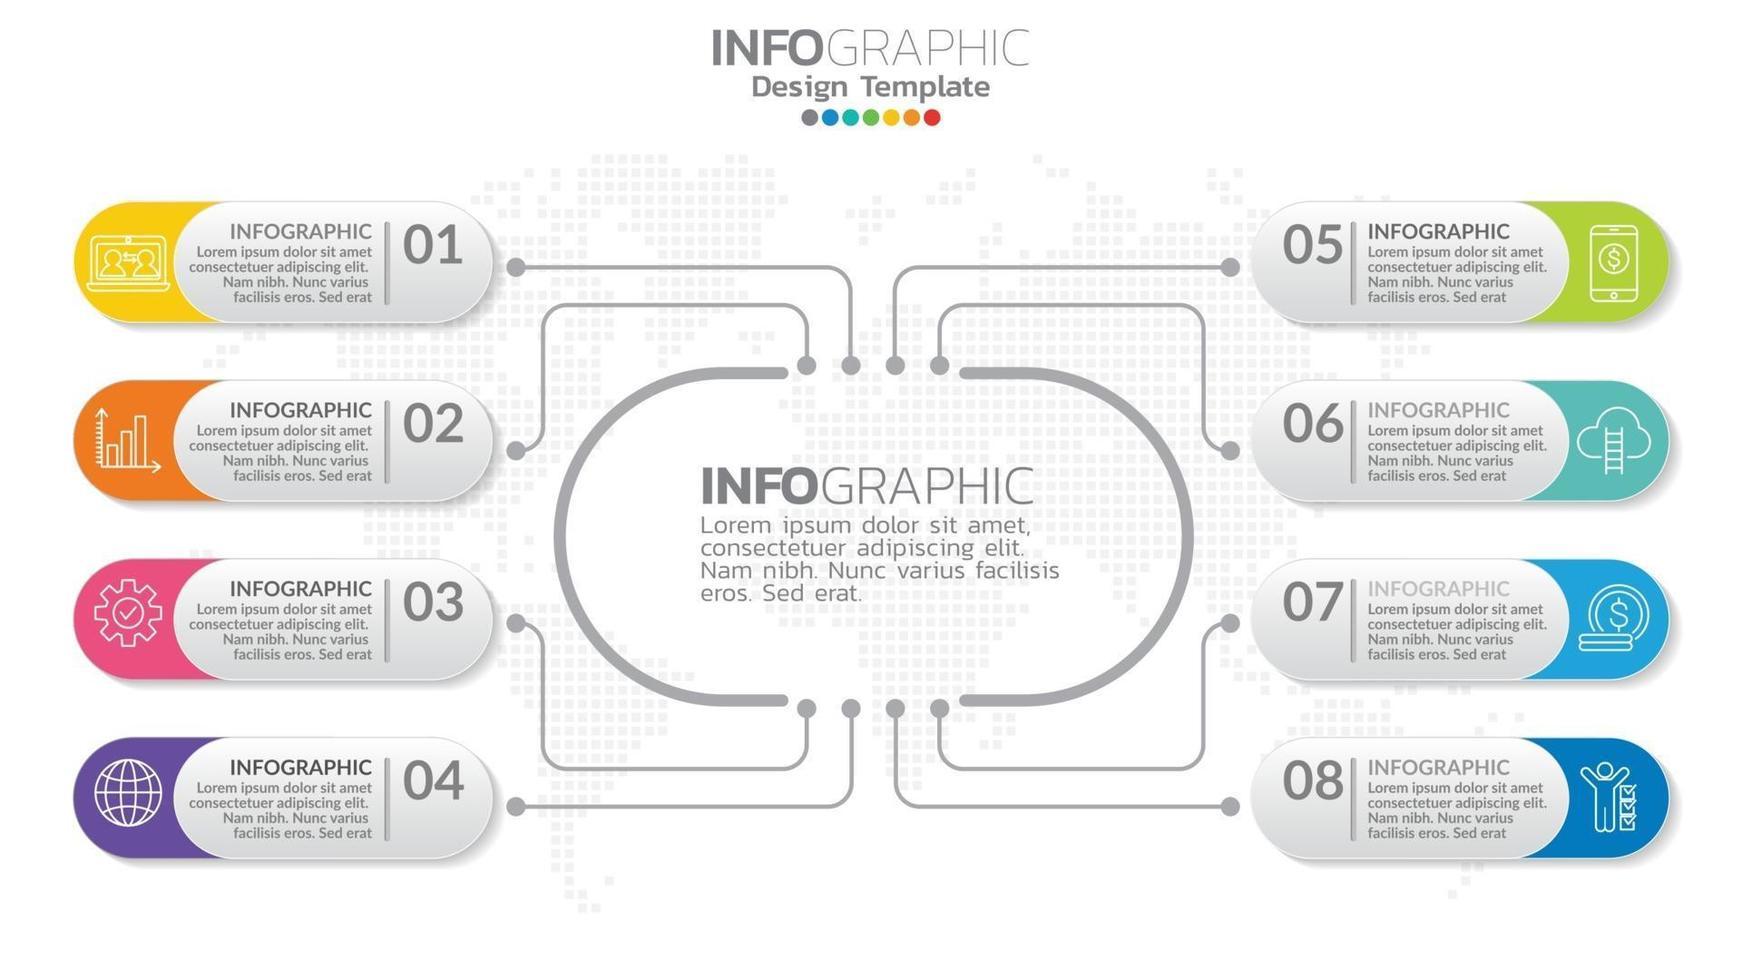 élément infographie 8 avec cercle central. diagramme graphique graphique, conception graphique de la chronologie des affaires avec des icônes. vecteur